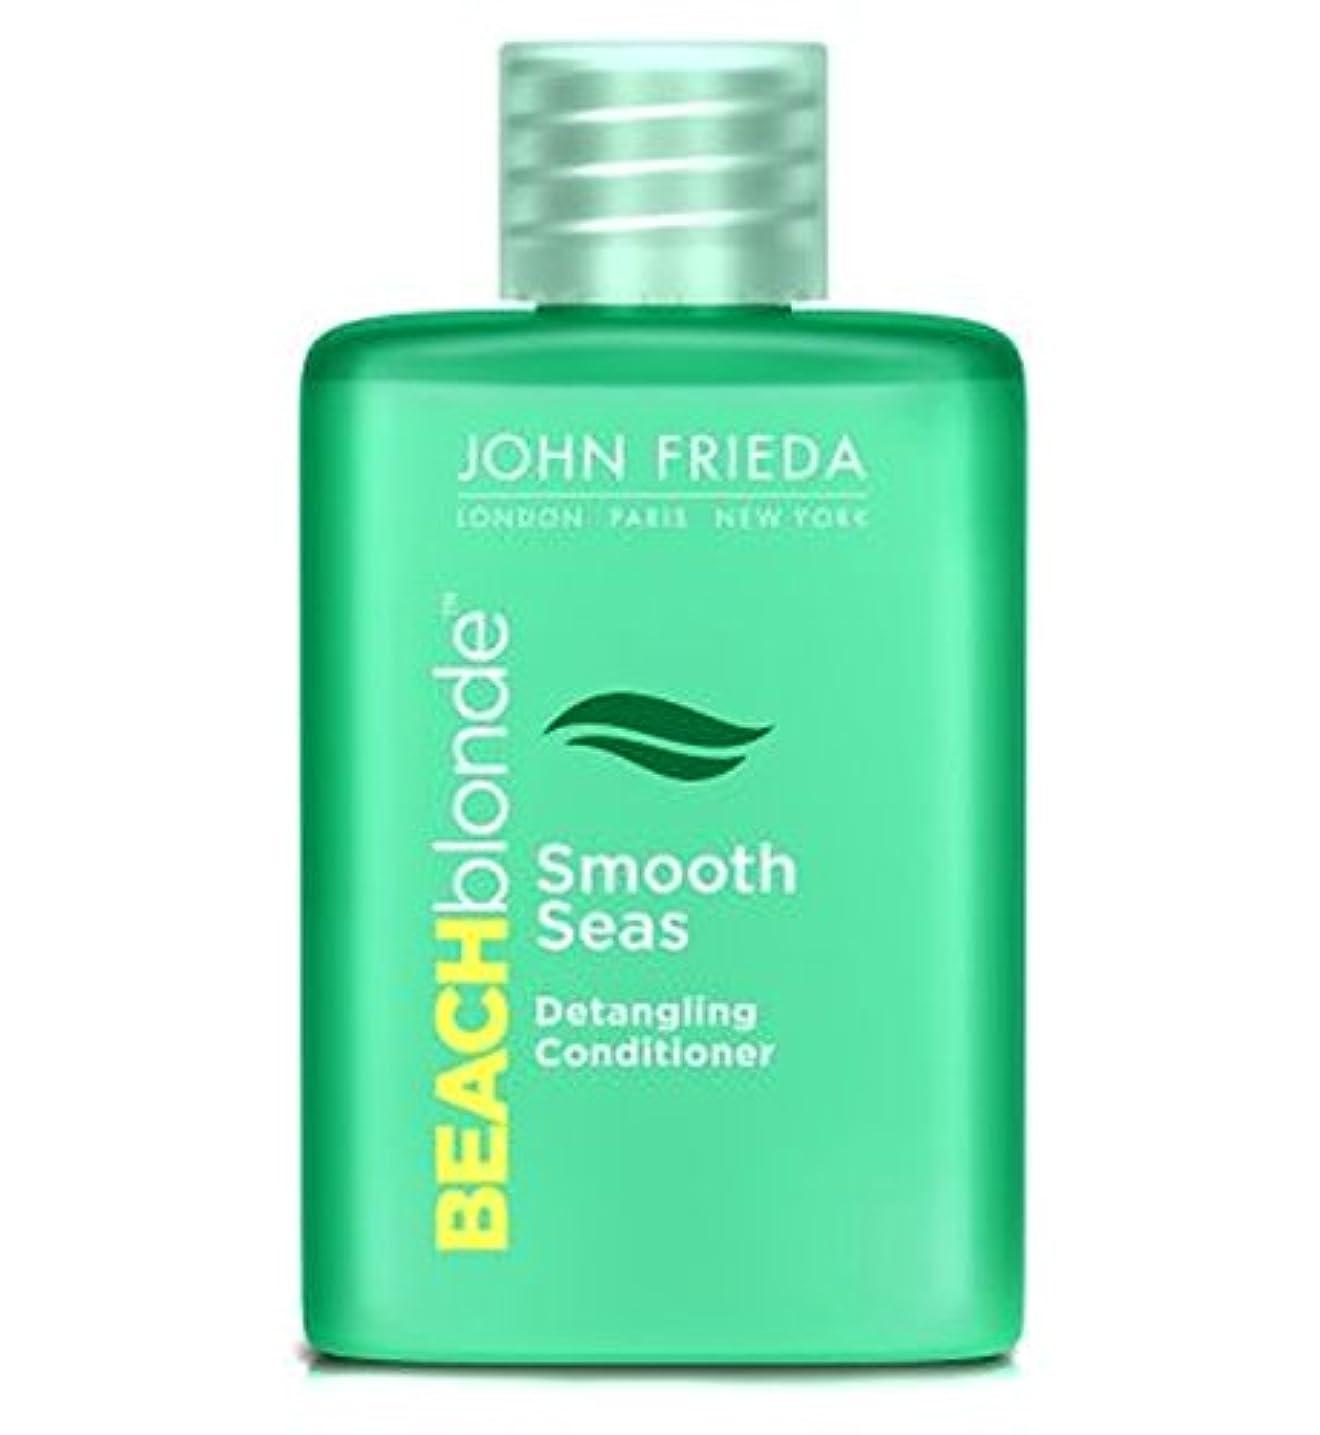 から聞くなめらかペレグリネーションJohn Frieda? Beach Blonde Smooth Seas Detangling Conditioner 50ml - コンディショナー50ミリリットルをもつれ解除ジョンFrieda?ビーチブロンド滑らかな...